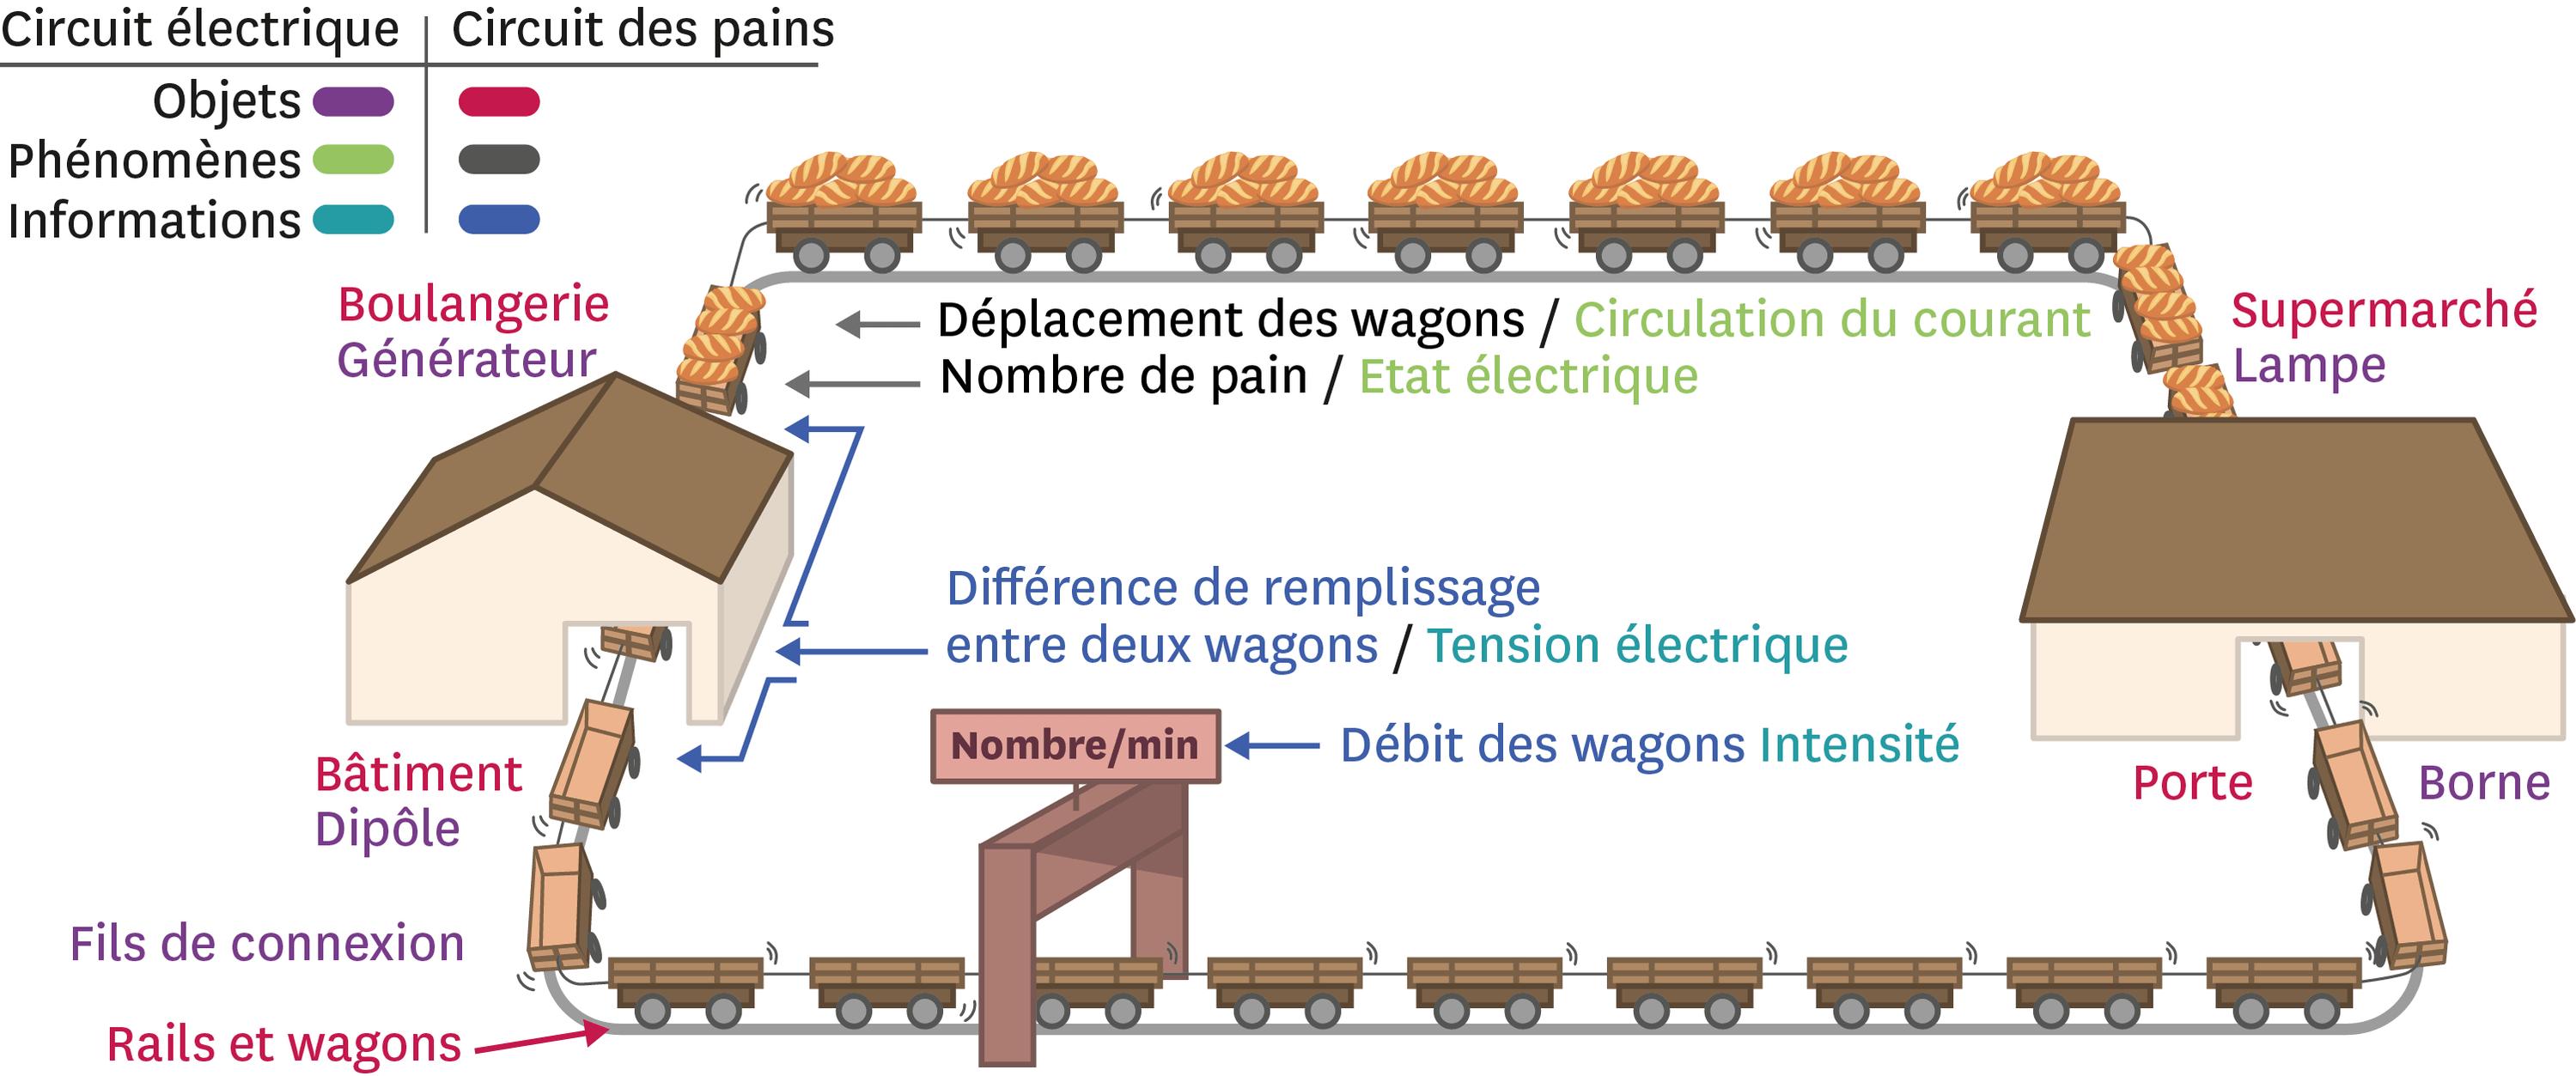 Et si on comparait le circuit électrique à un circuit de livraison par train ?